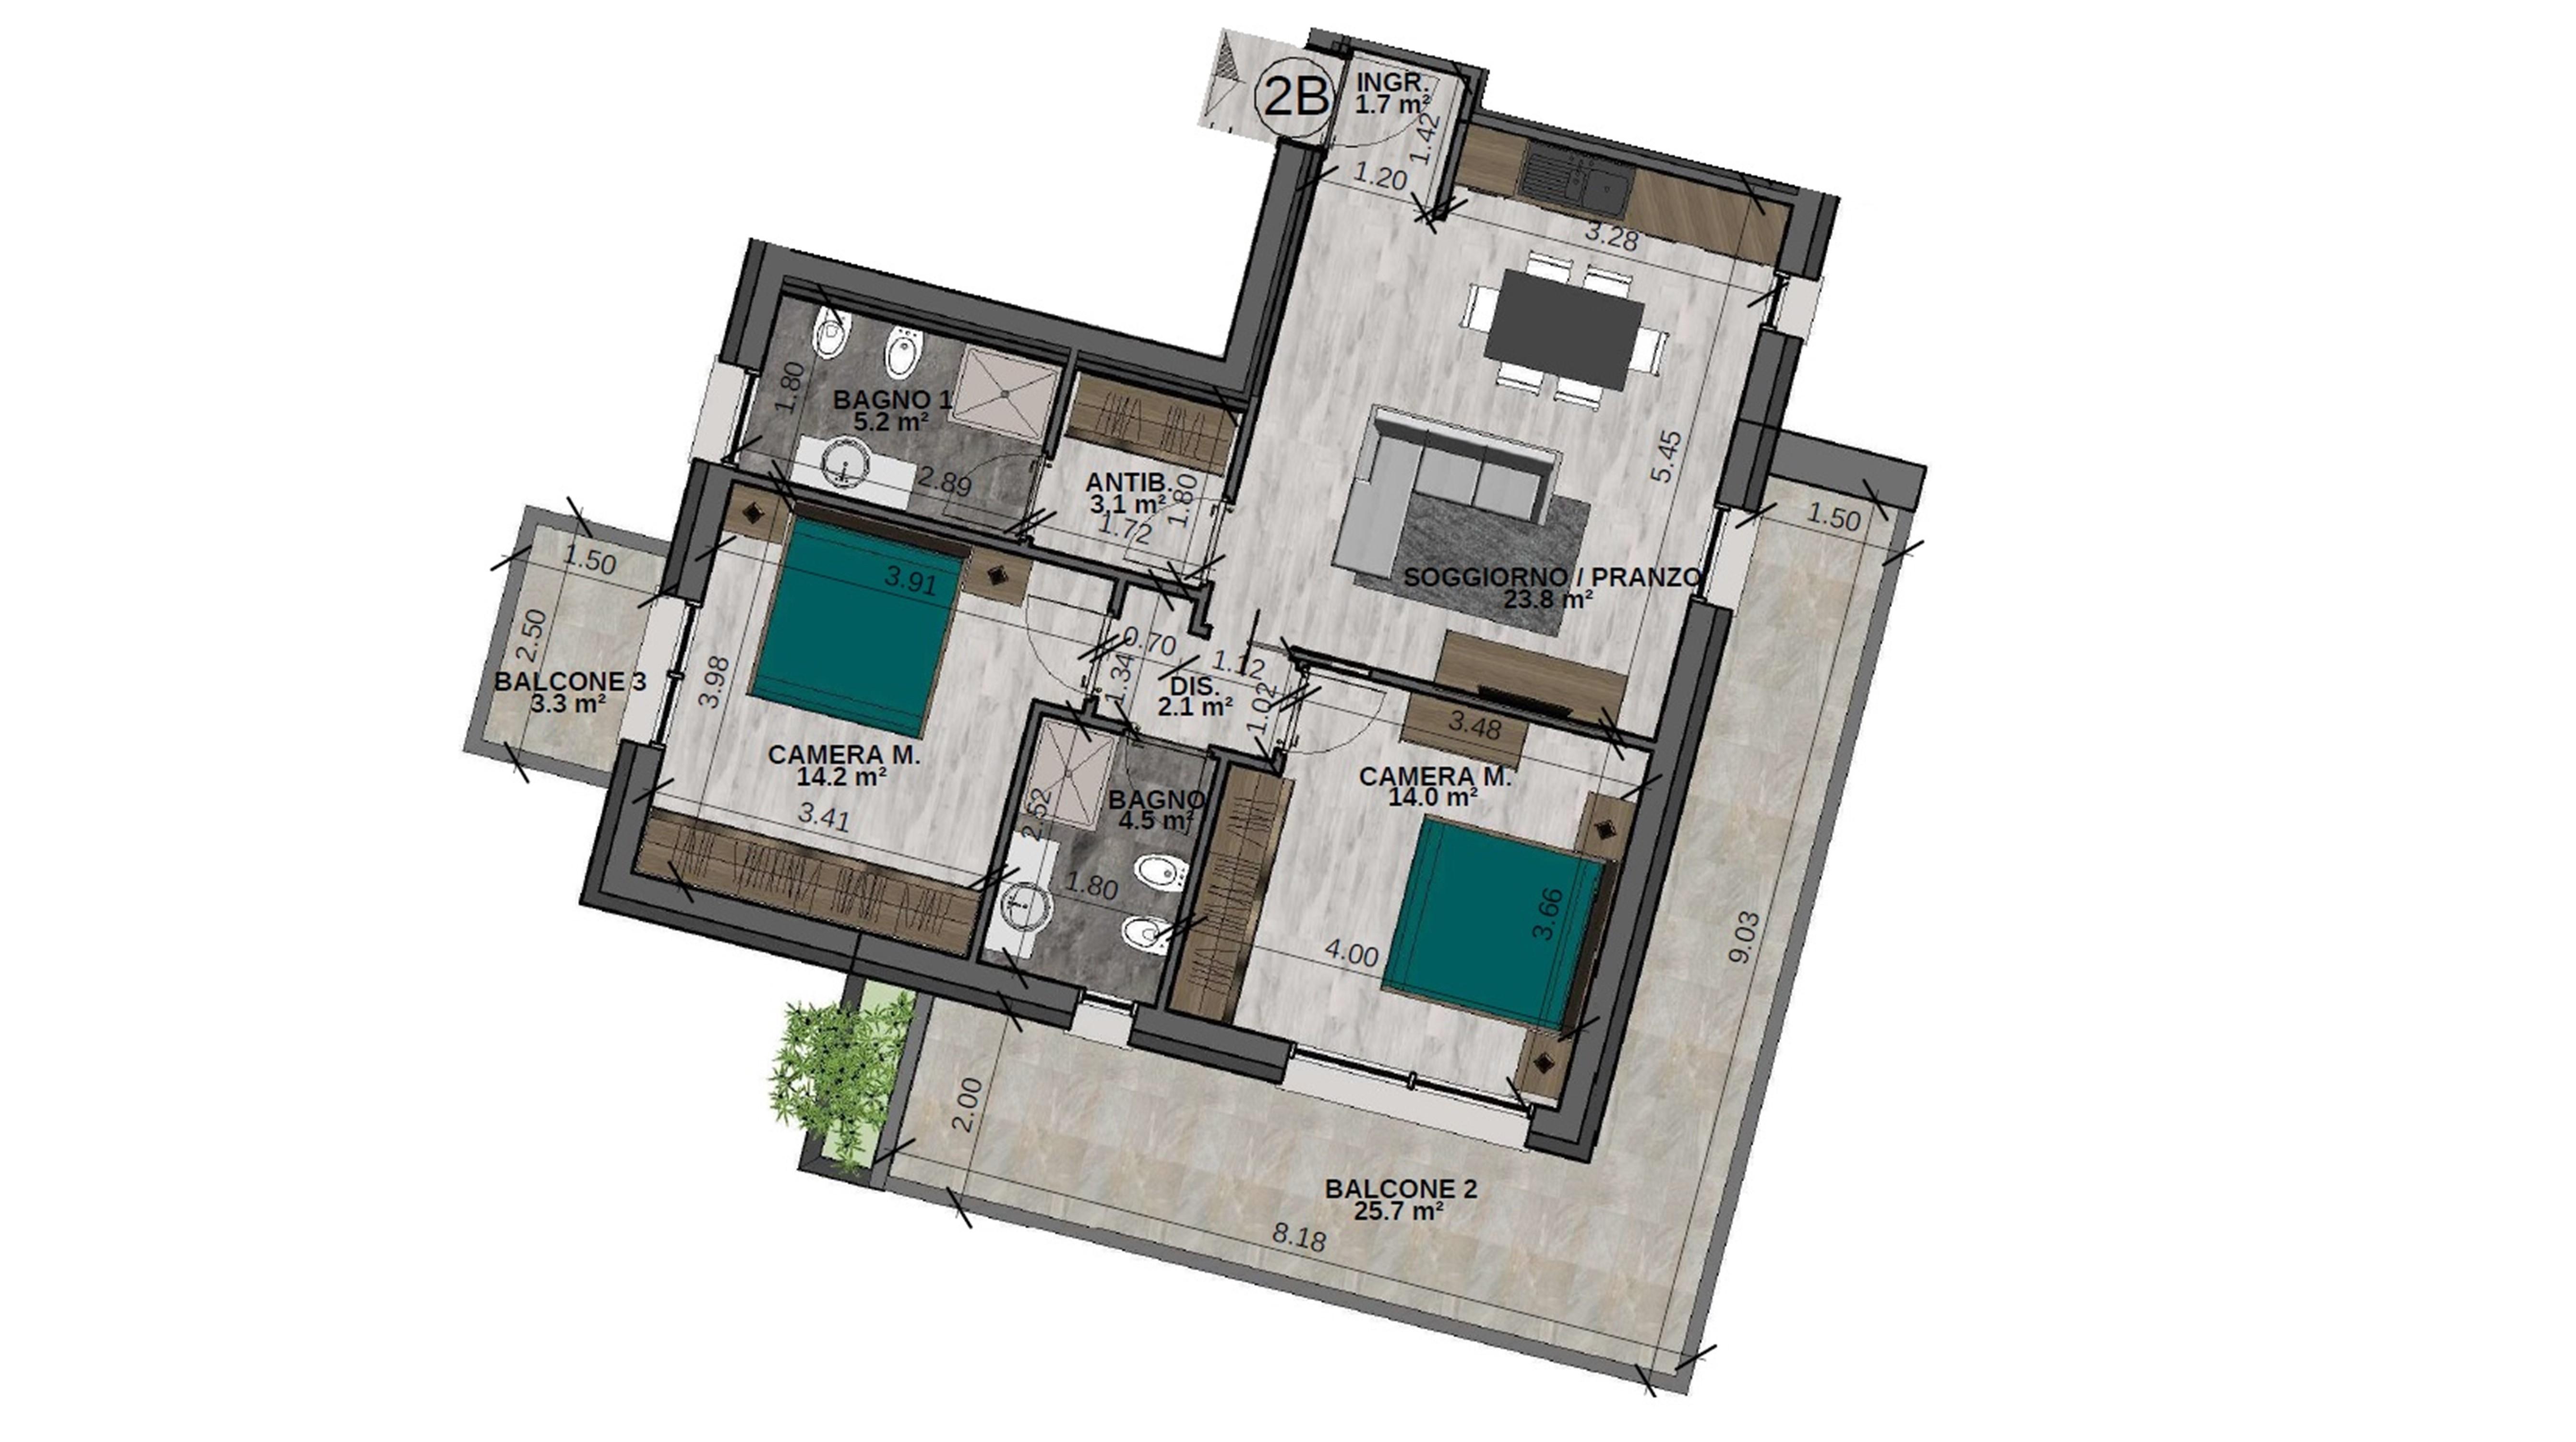 Trilocale 2B Piano Secondo - Sup. comm. 102 mq - 355.000 €